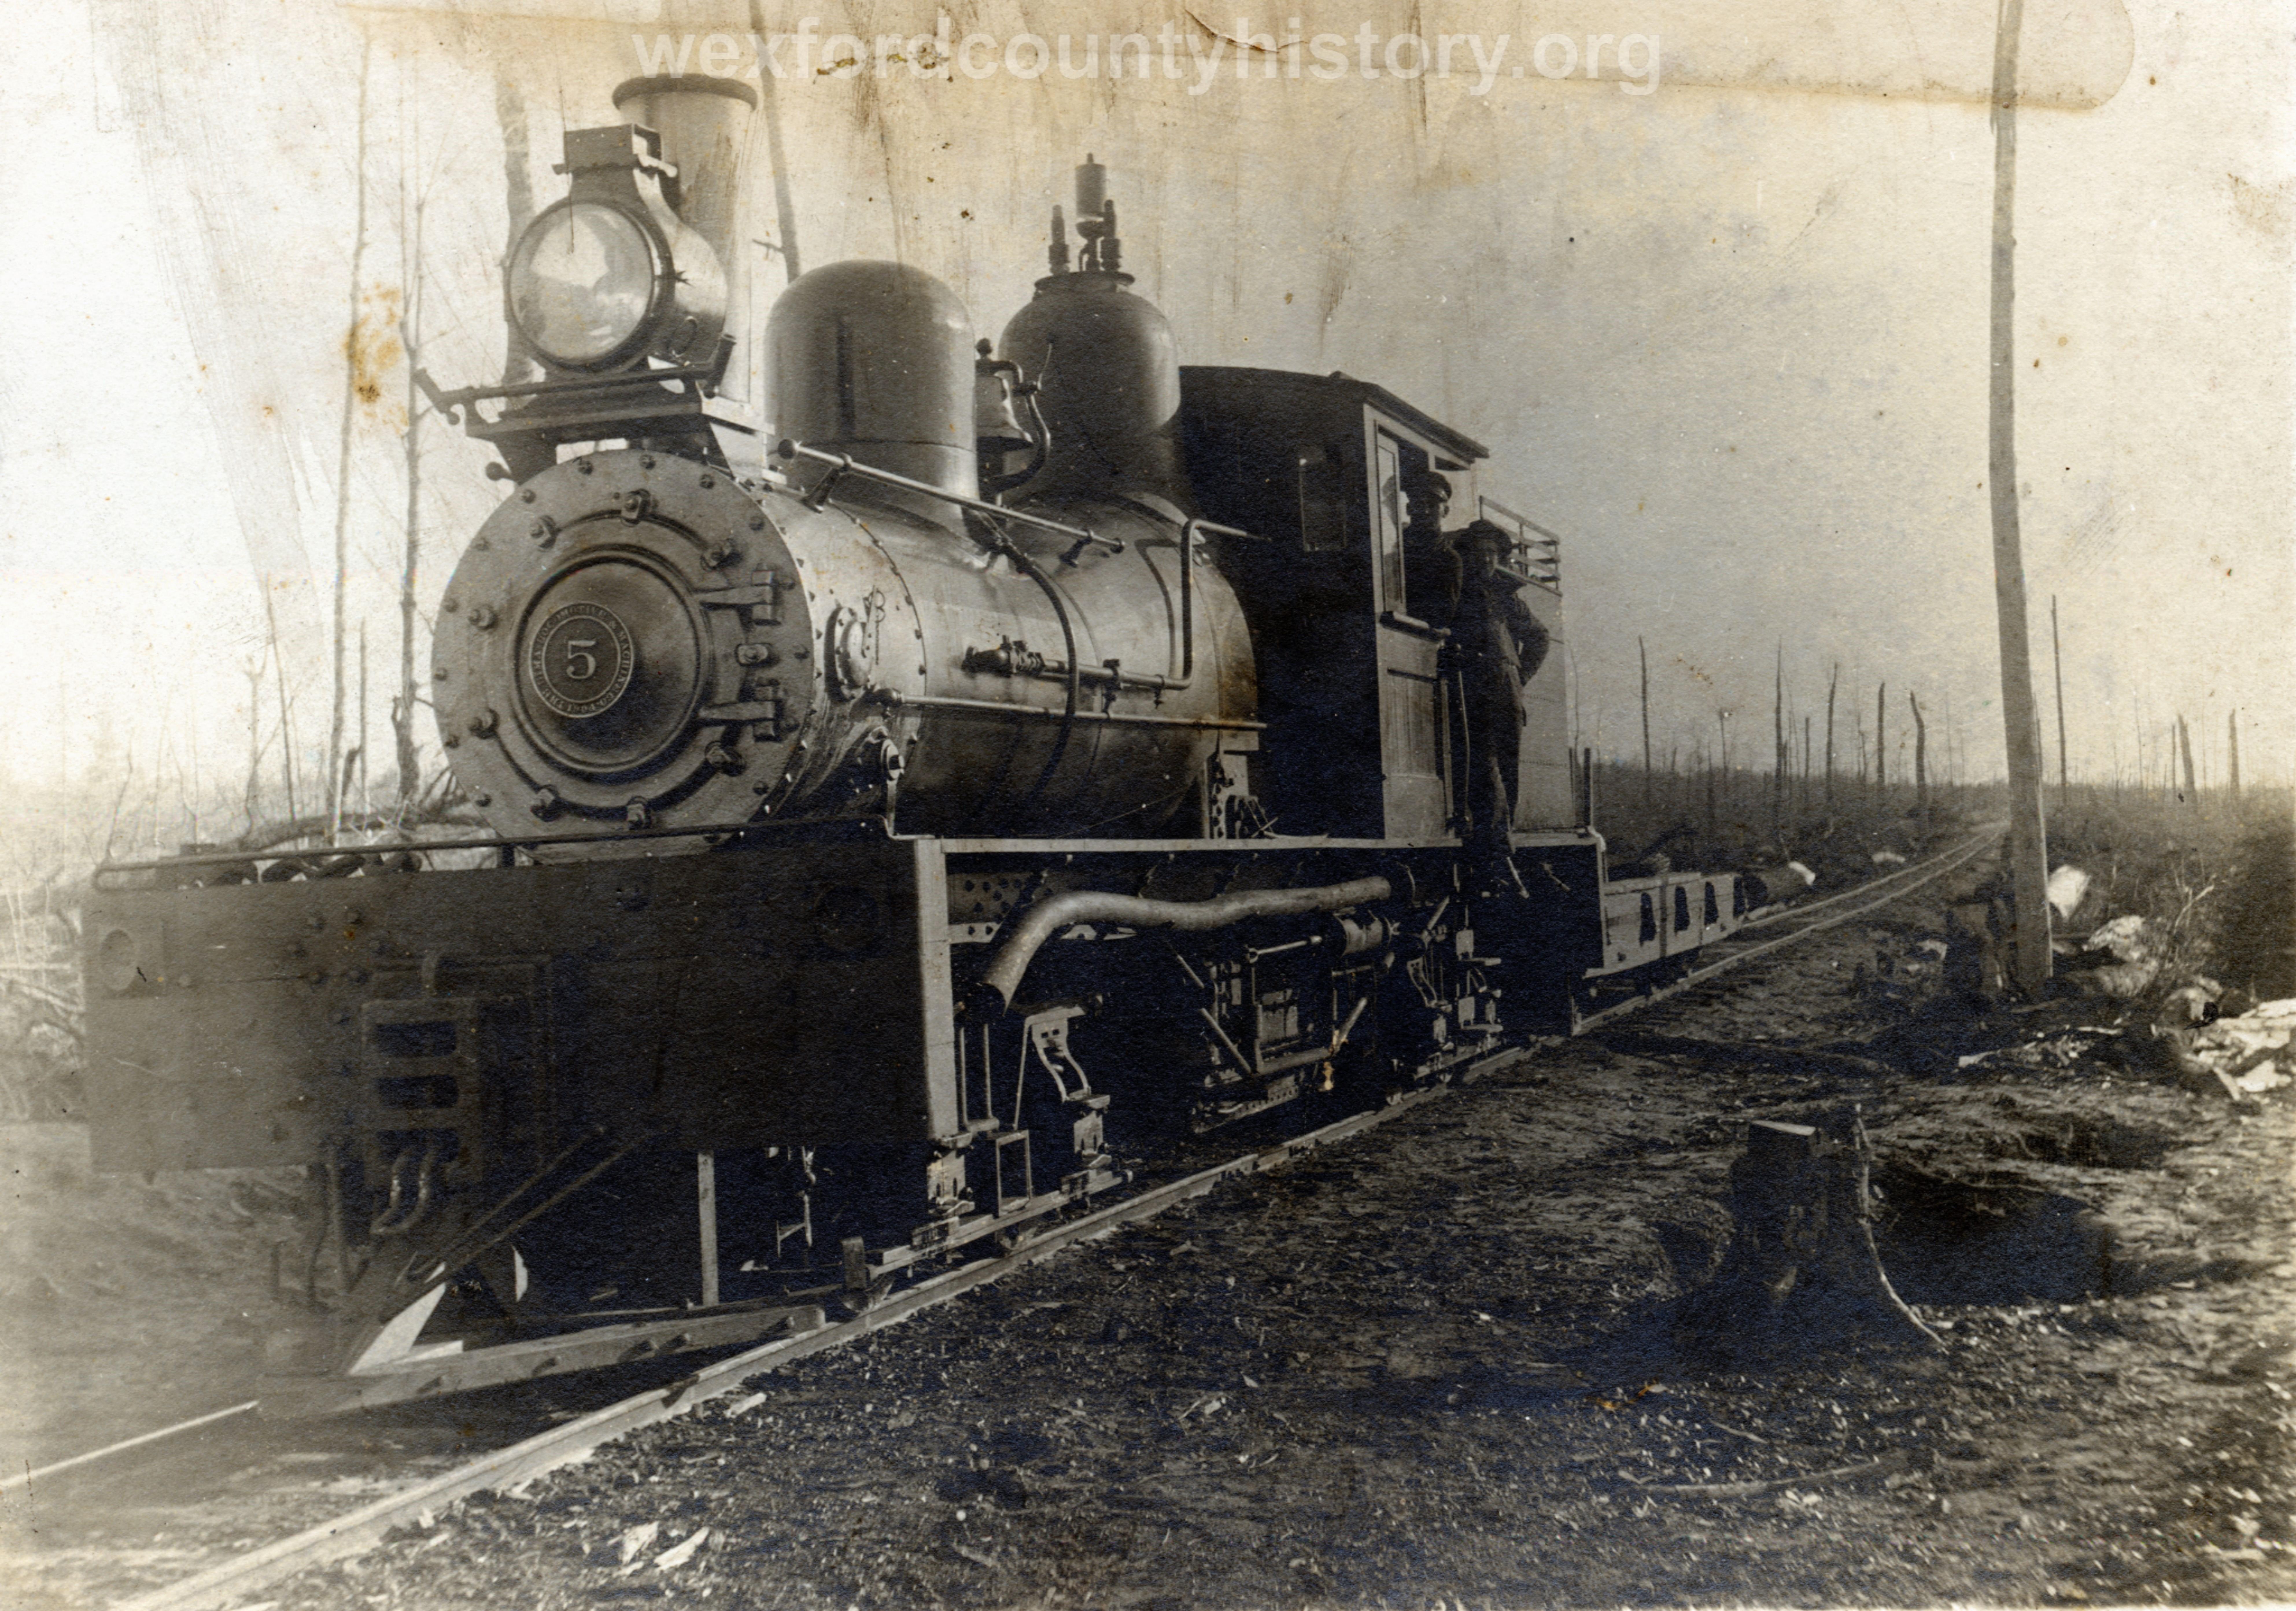 Cadillac-Railroad-loco-5-Shay-unk-RR-v3-Wexford-Mus